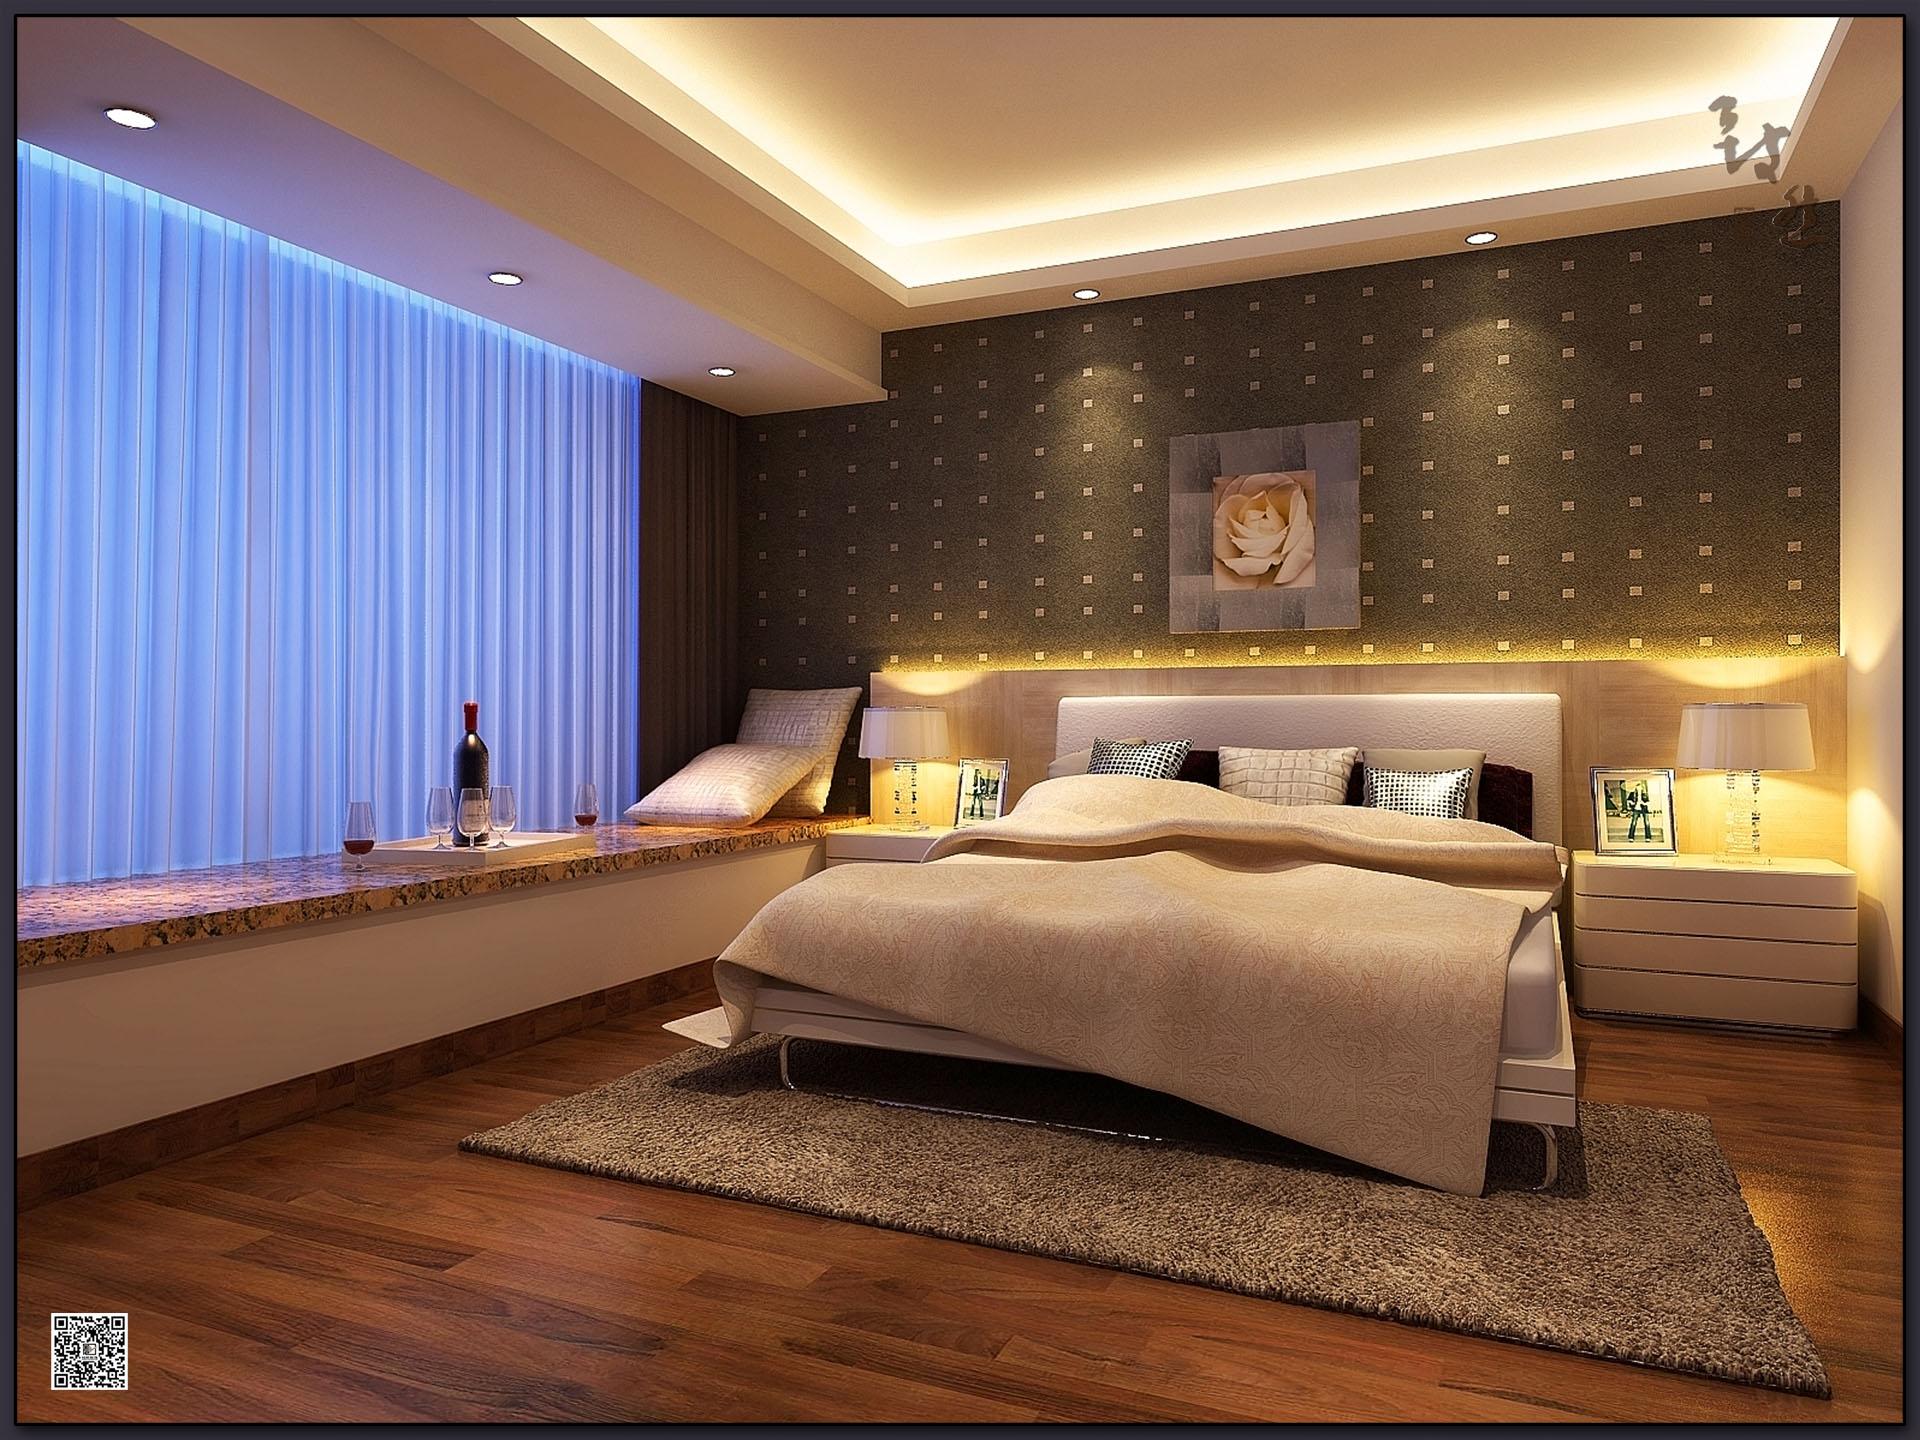 小资 简约 卧室图片来自广州致然装饰在保利心语E的分享